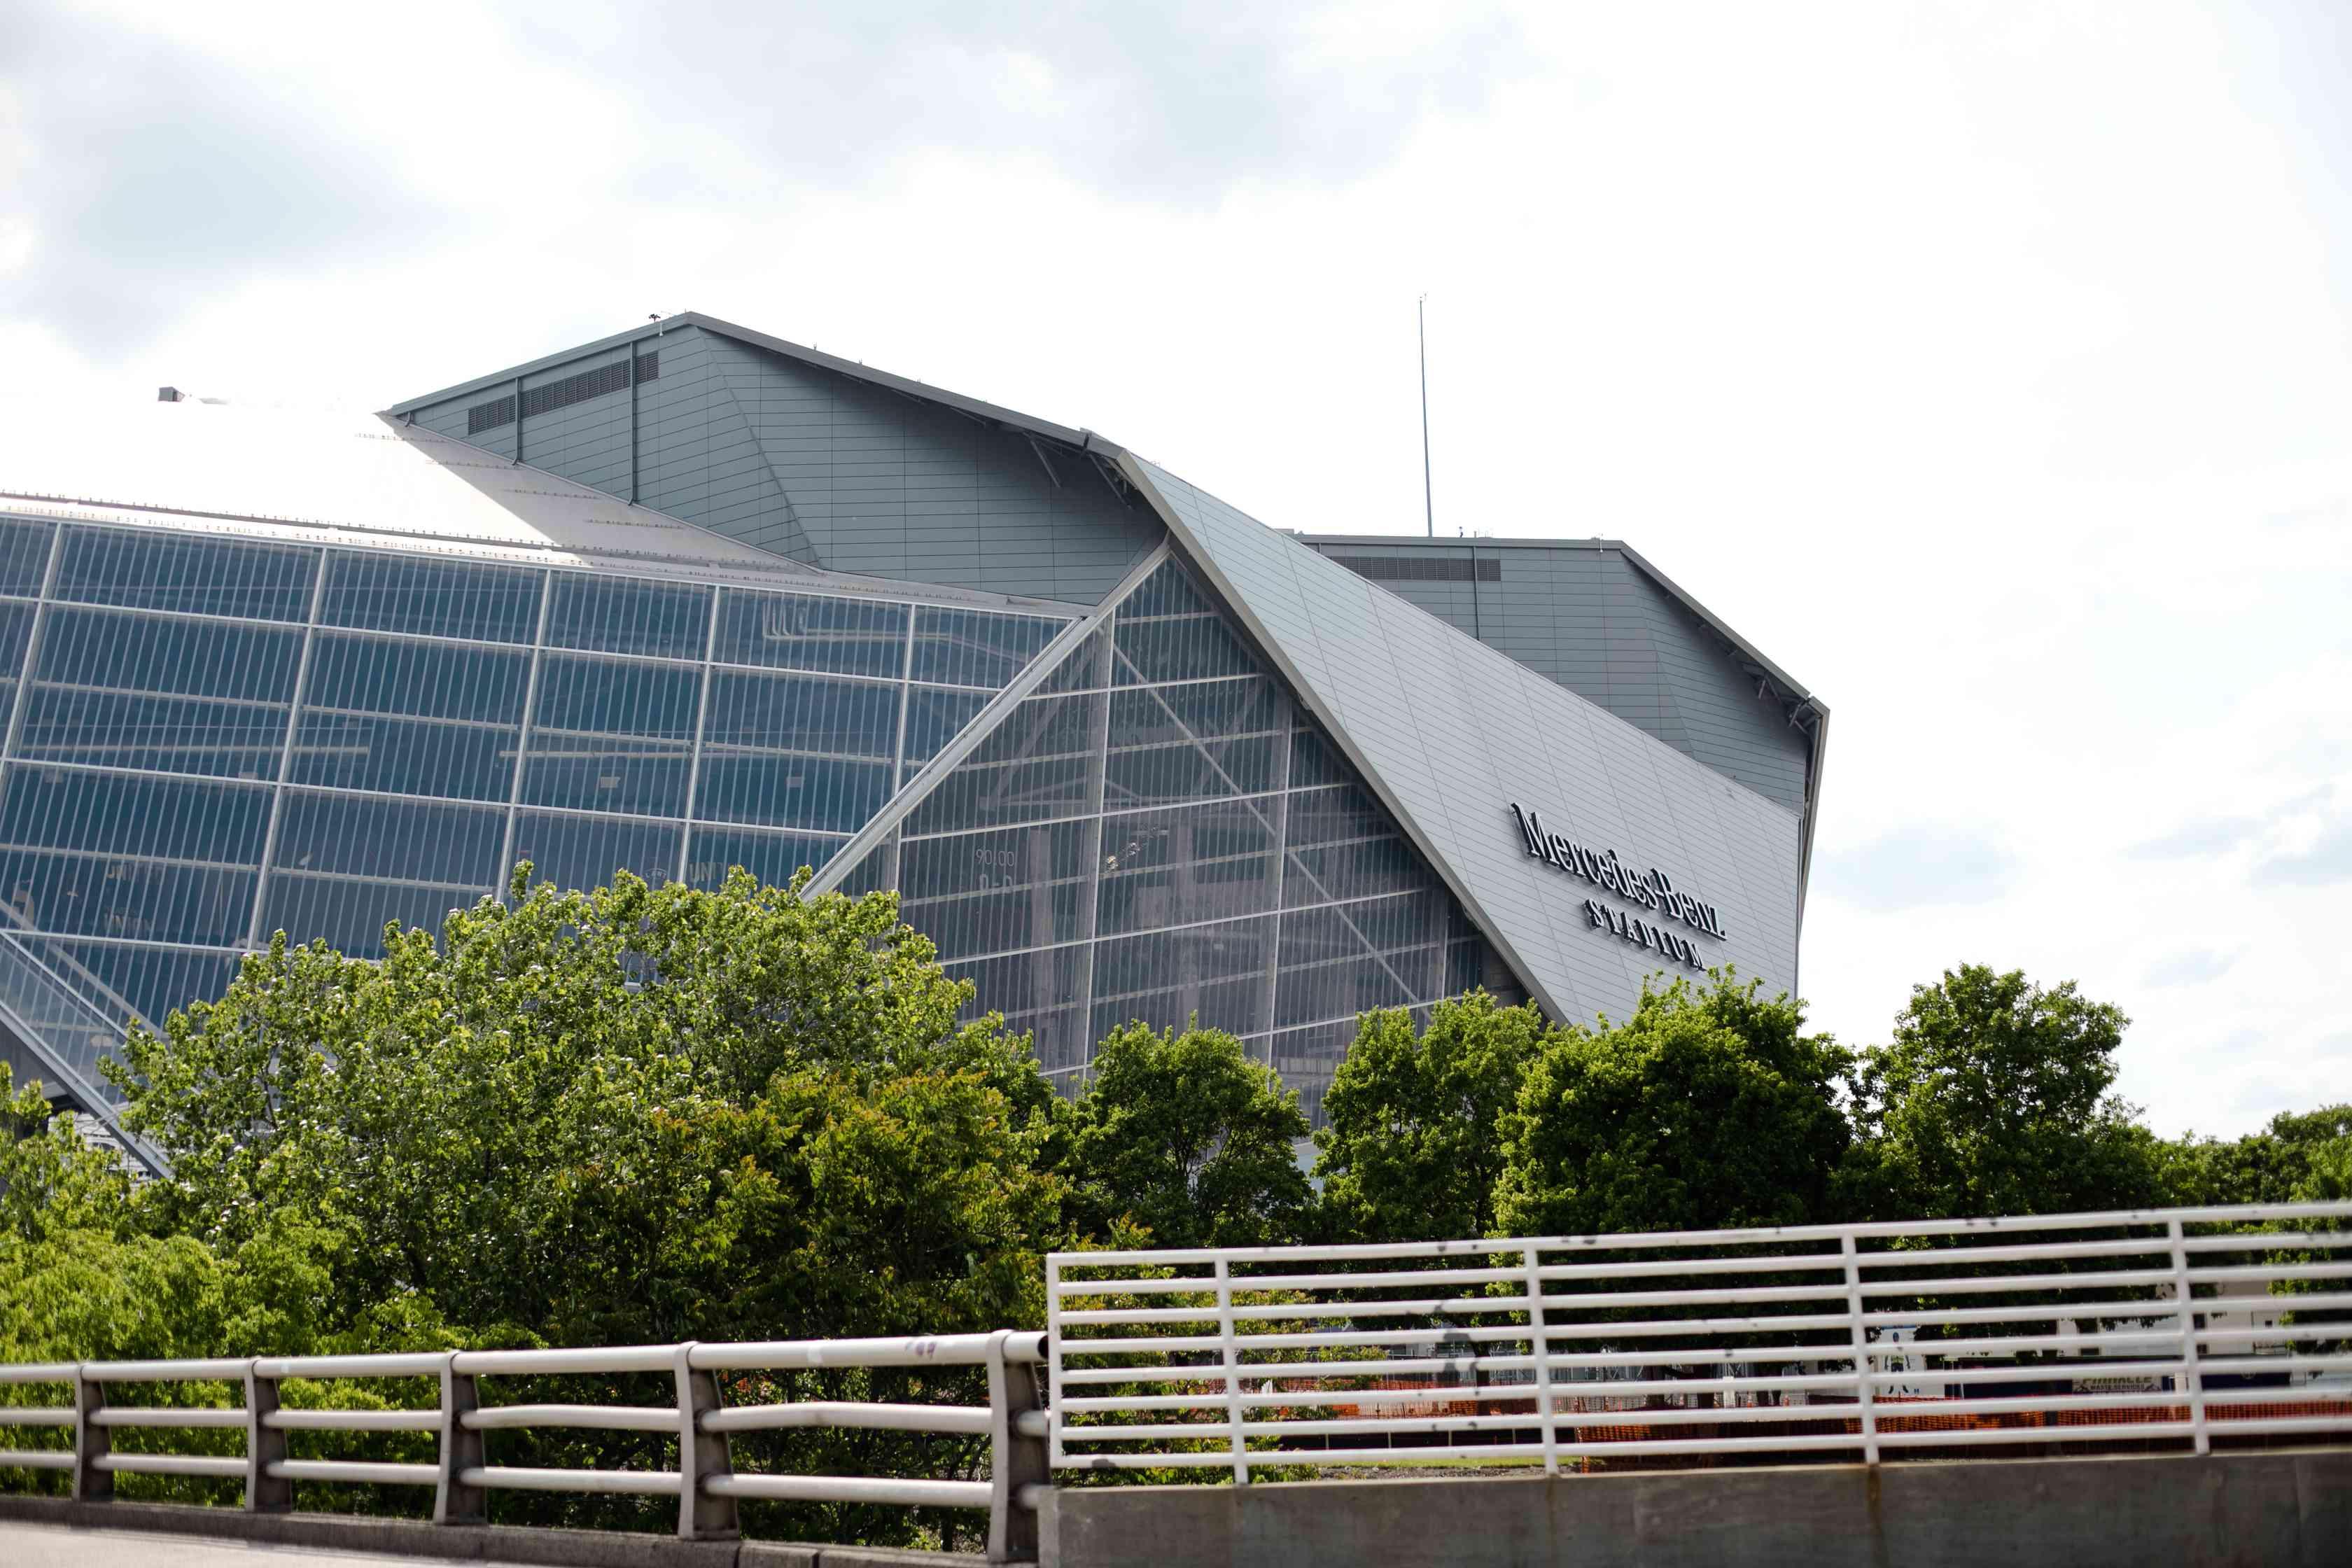 Meredes-Benz Stadium in Atlanta, Georgia